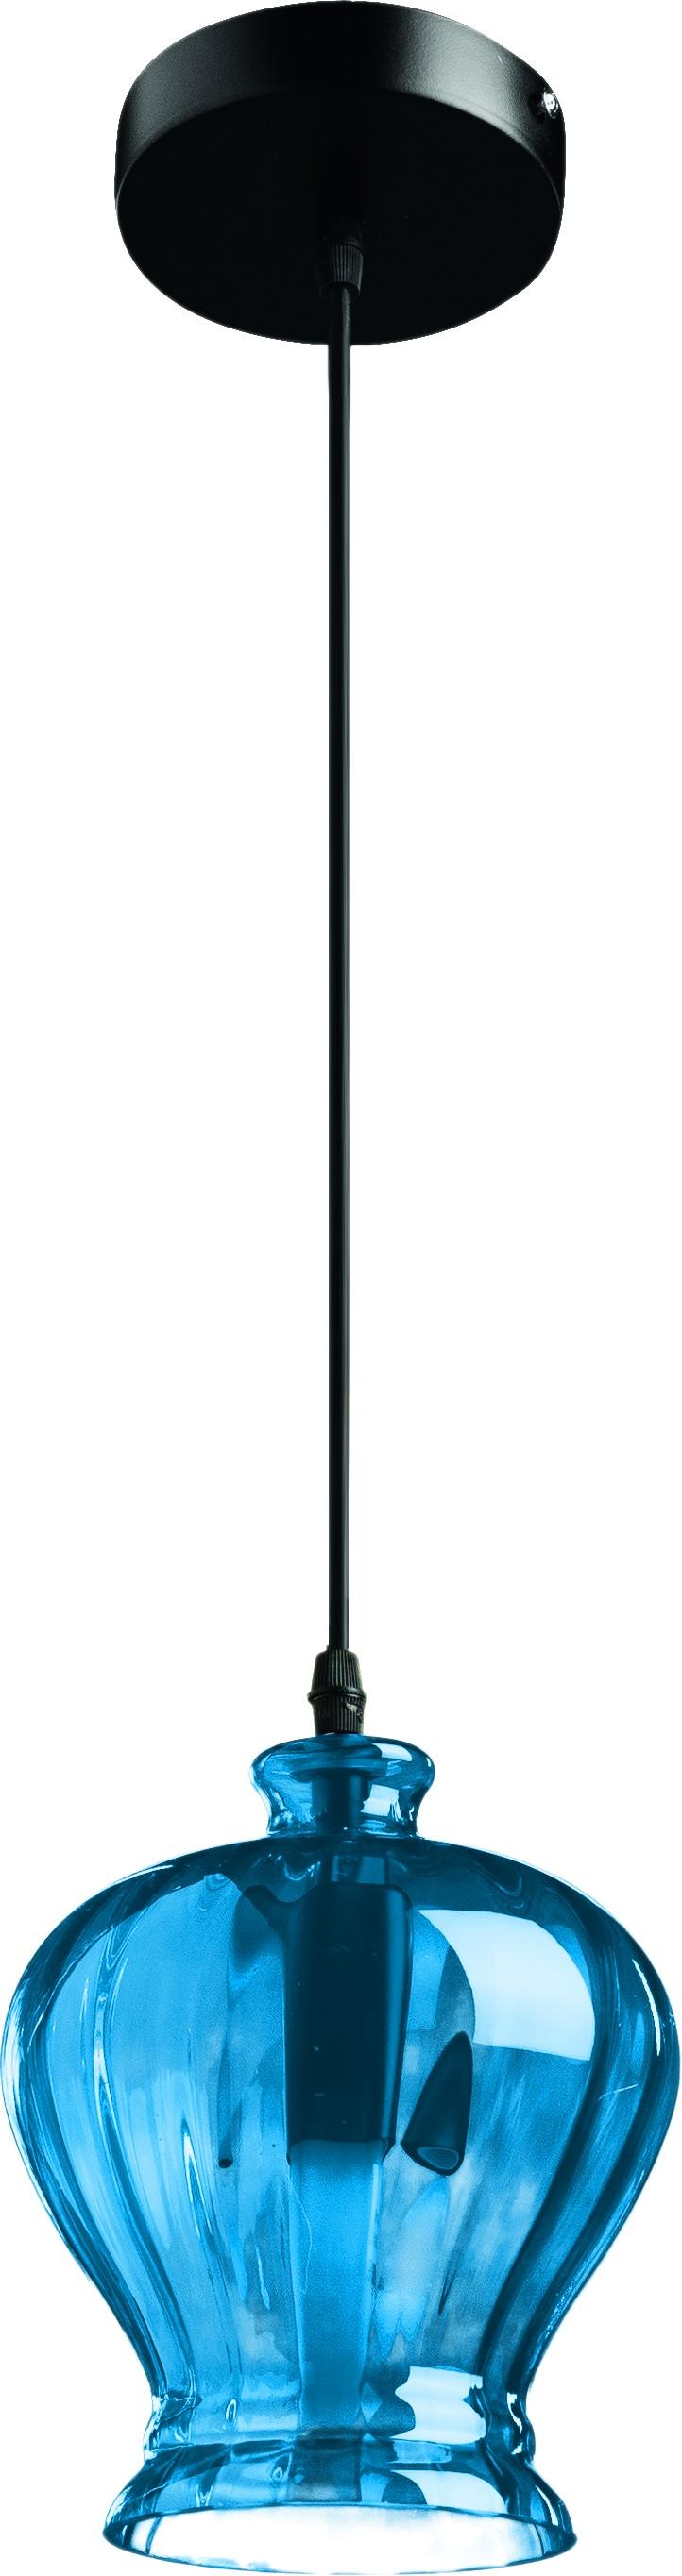 Фото Светильник подвесной Arte lamp A8127sp-1bl